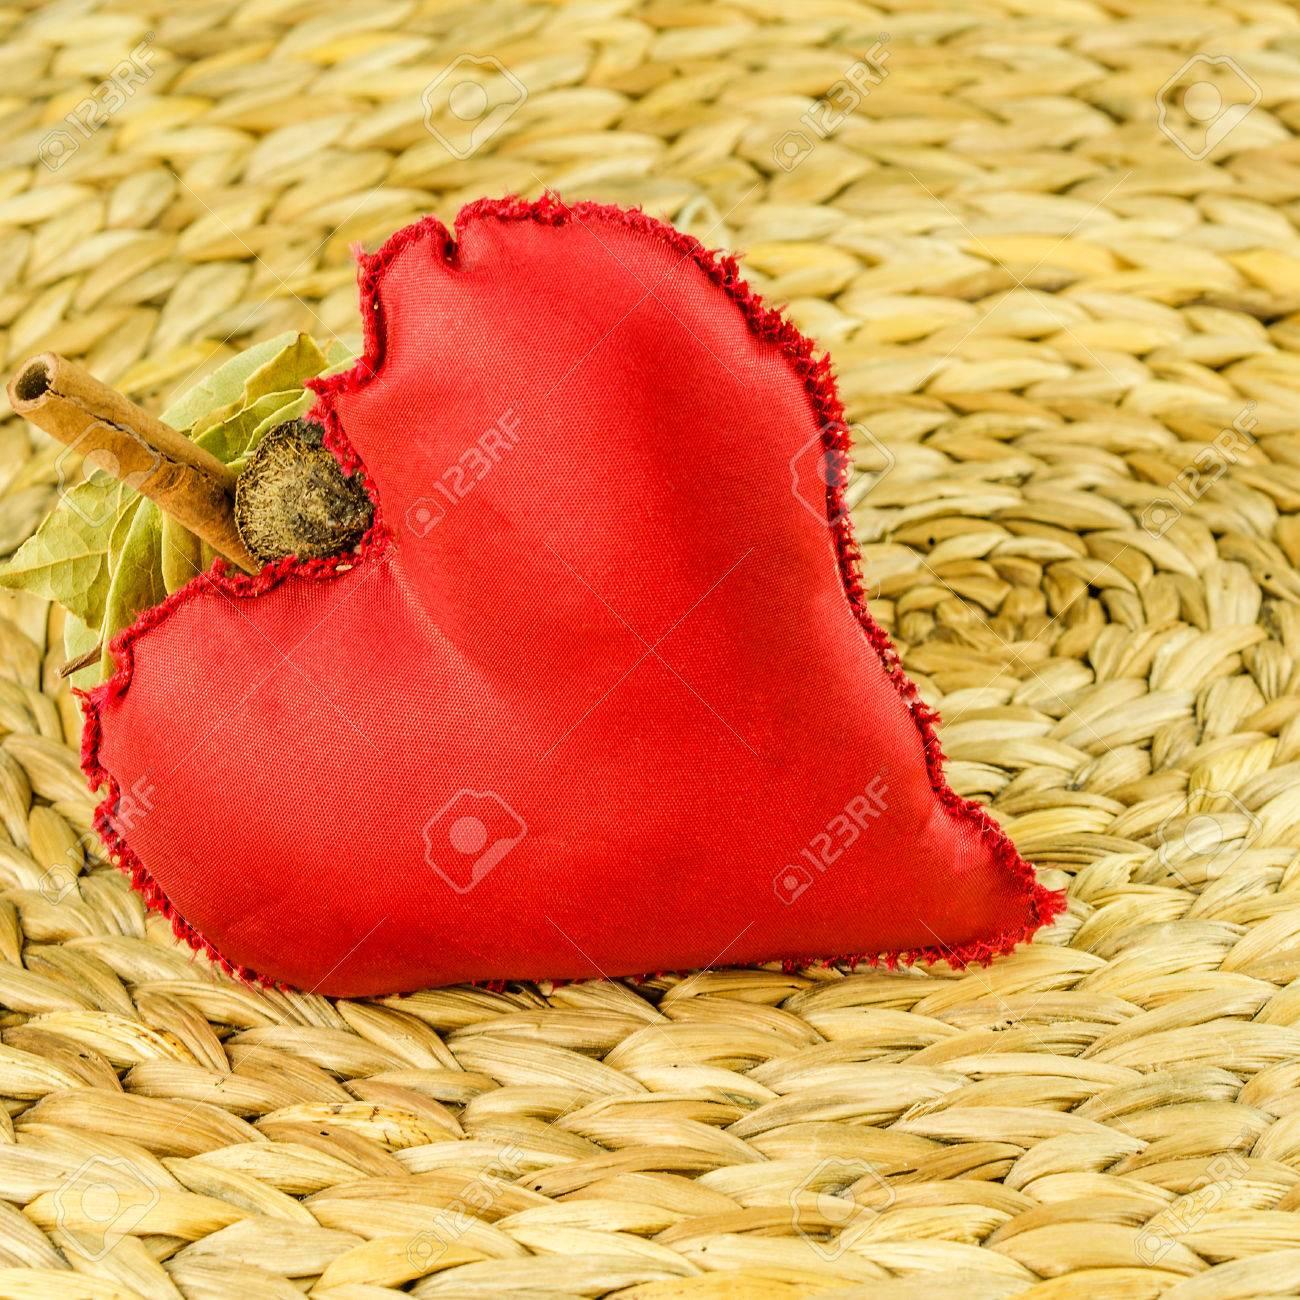 rouge décoration de coeur sur fond faite de feuille de bananier sec